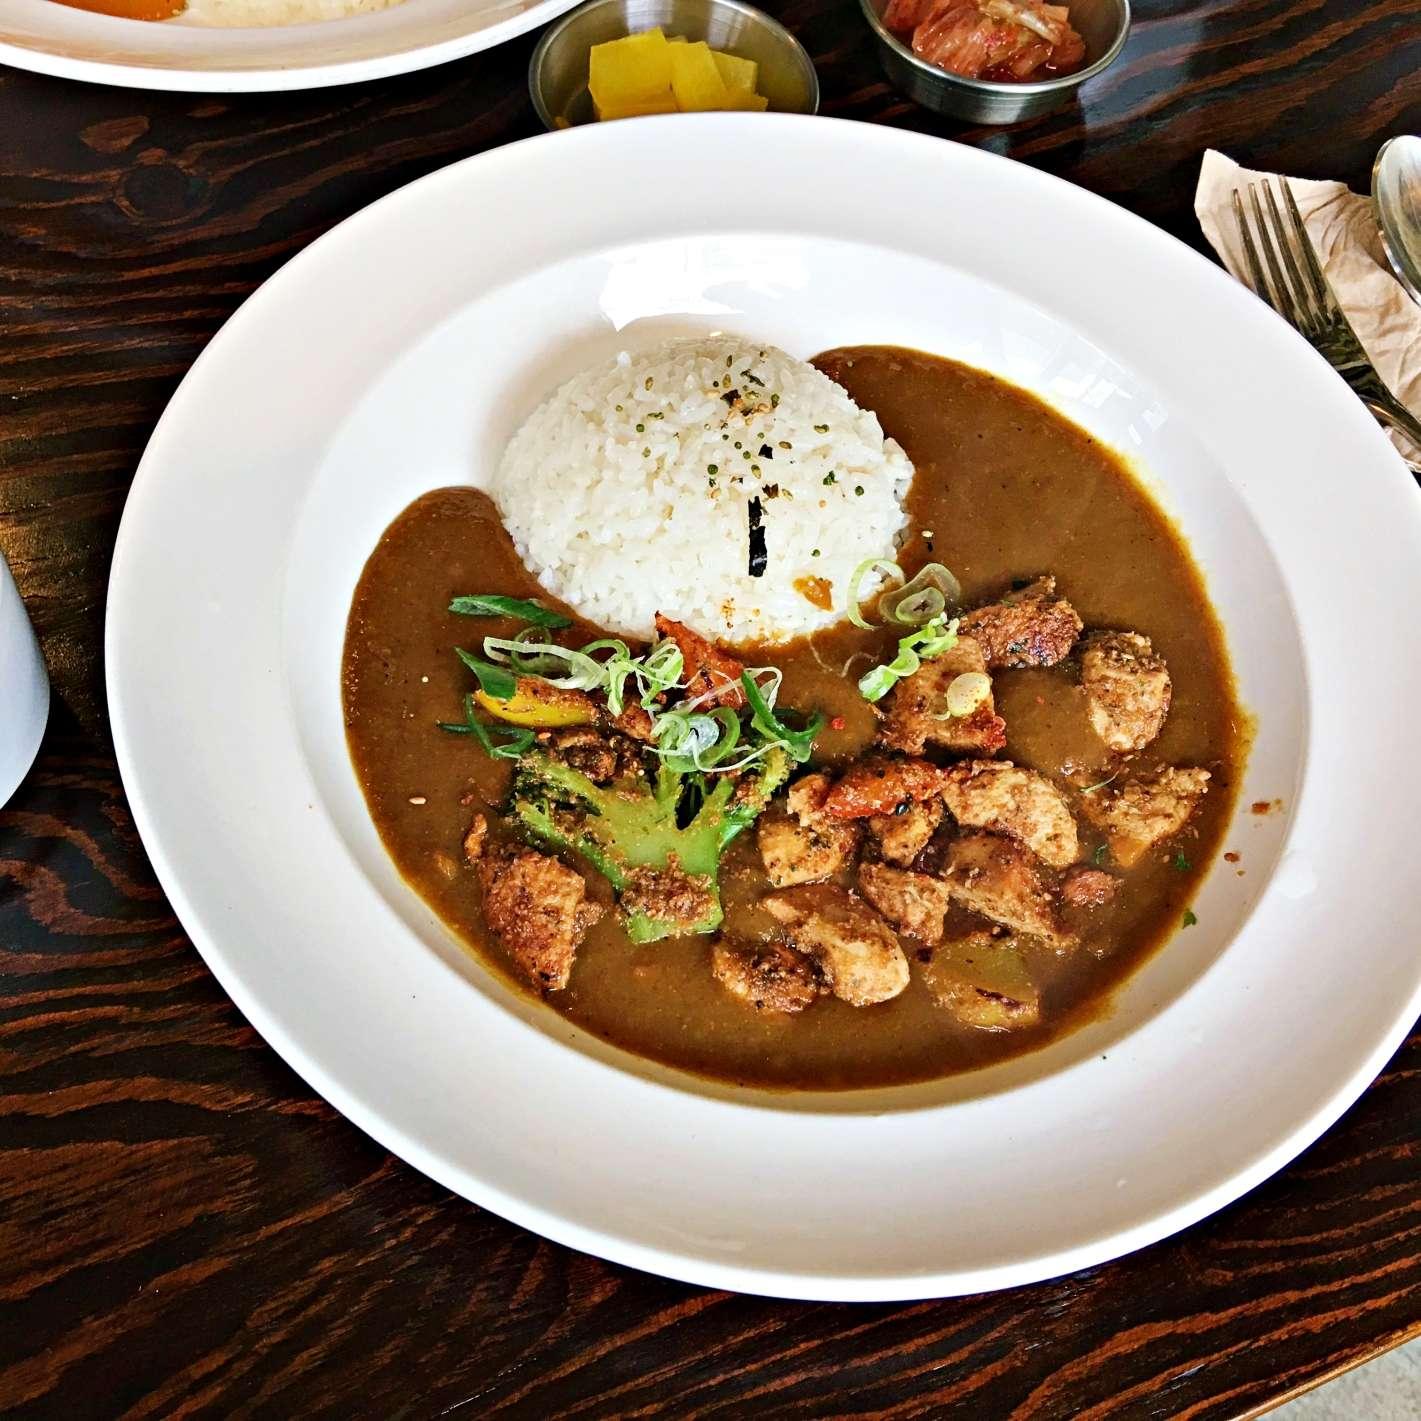 這份是招牌辣咖哩,開吃的第一口有種:啊~原來這就是韓式辣咖哩啊!(算是蠻辣的喔)